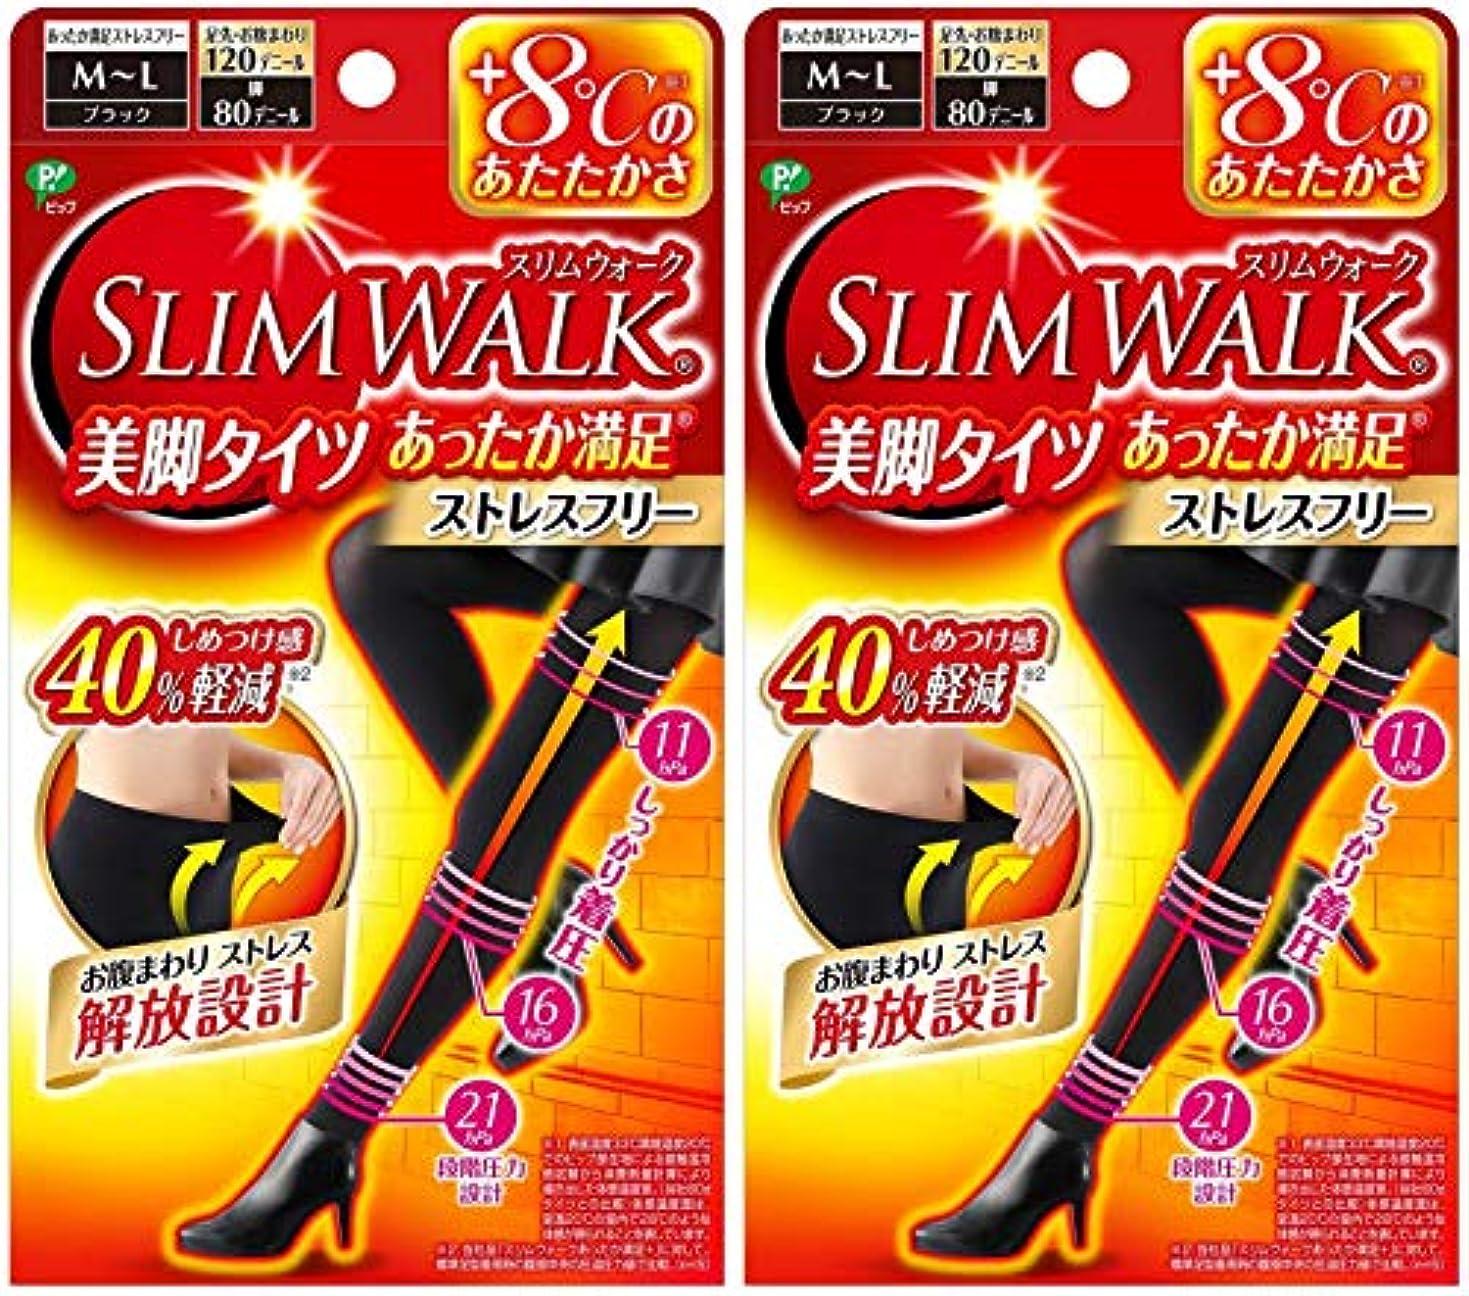 ロンドンホスト大砲【2個セット】 スリムウォーク (SLIM WALK) 美脚タイツ あったか満足 おそと用 M~Lサイズ